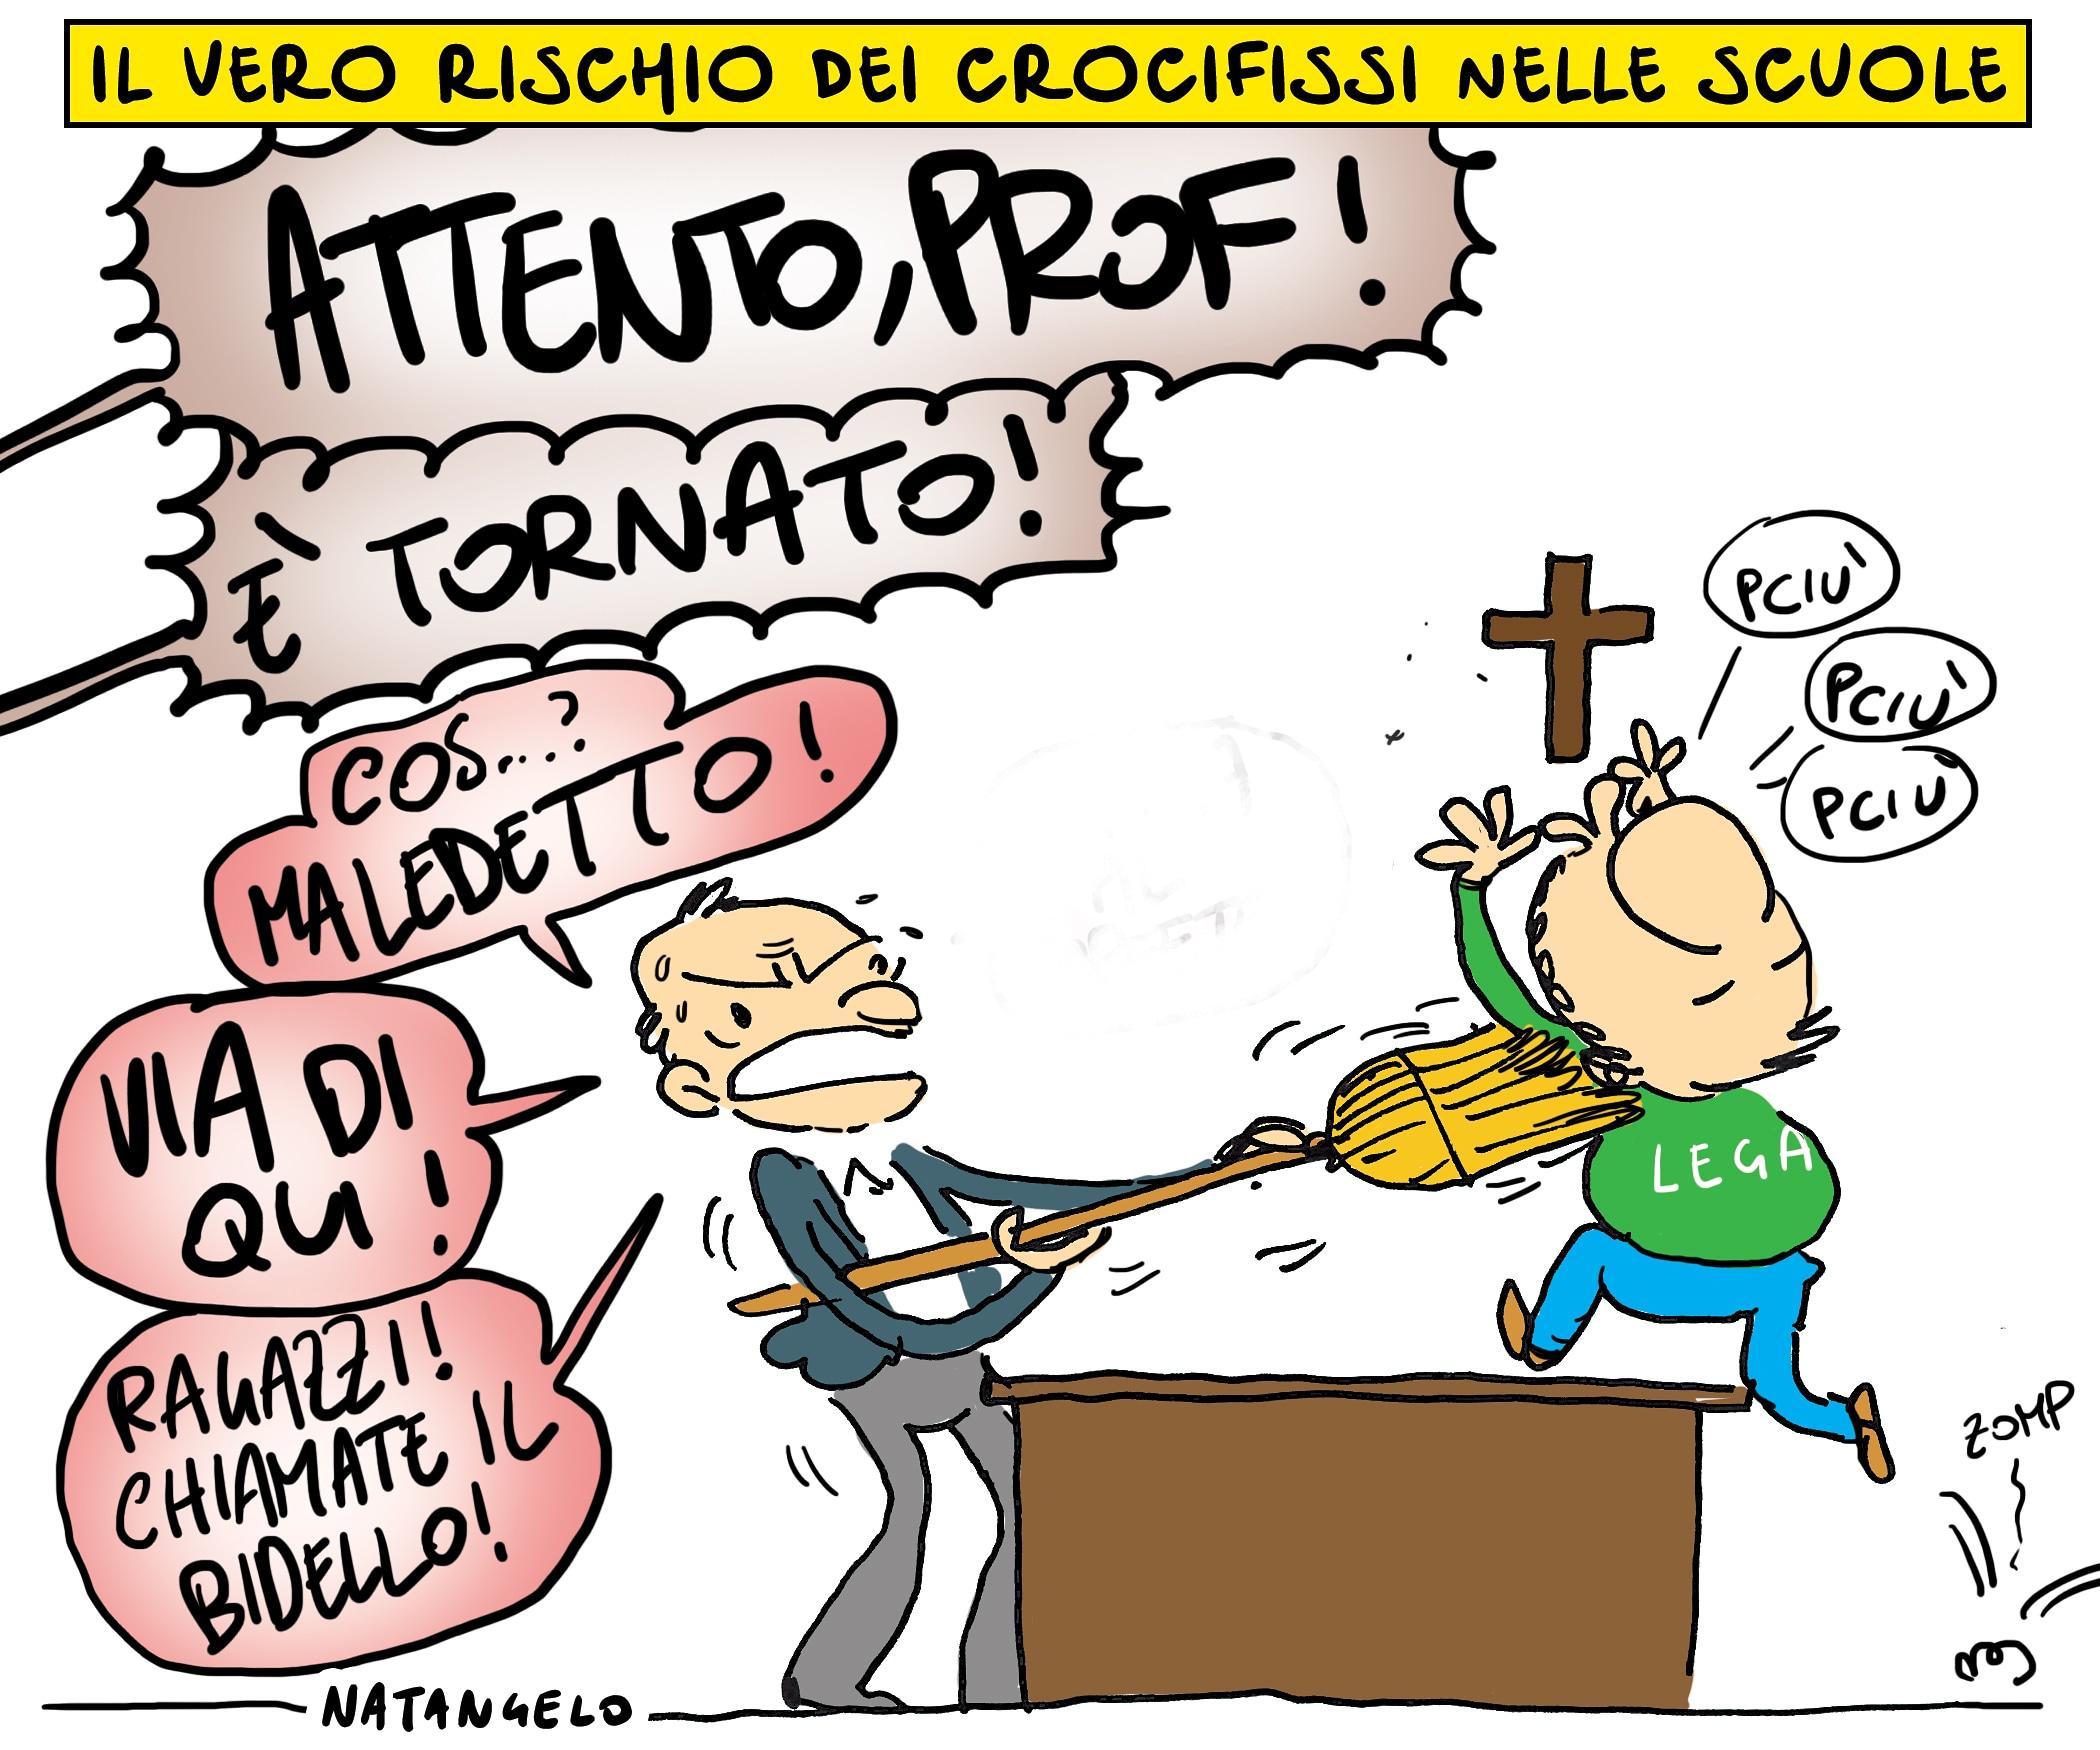 Crocifisso nelle scuole